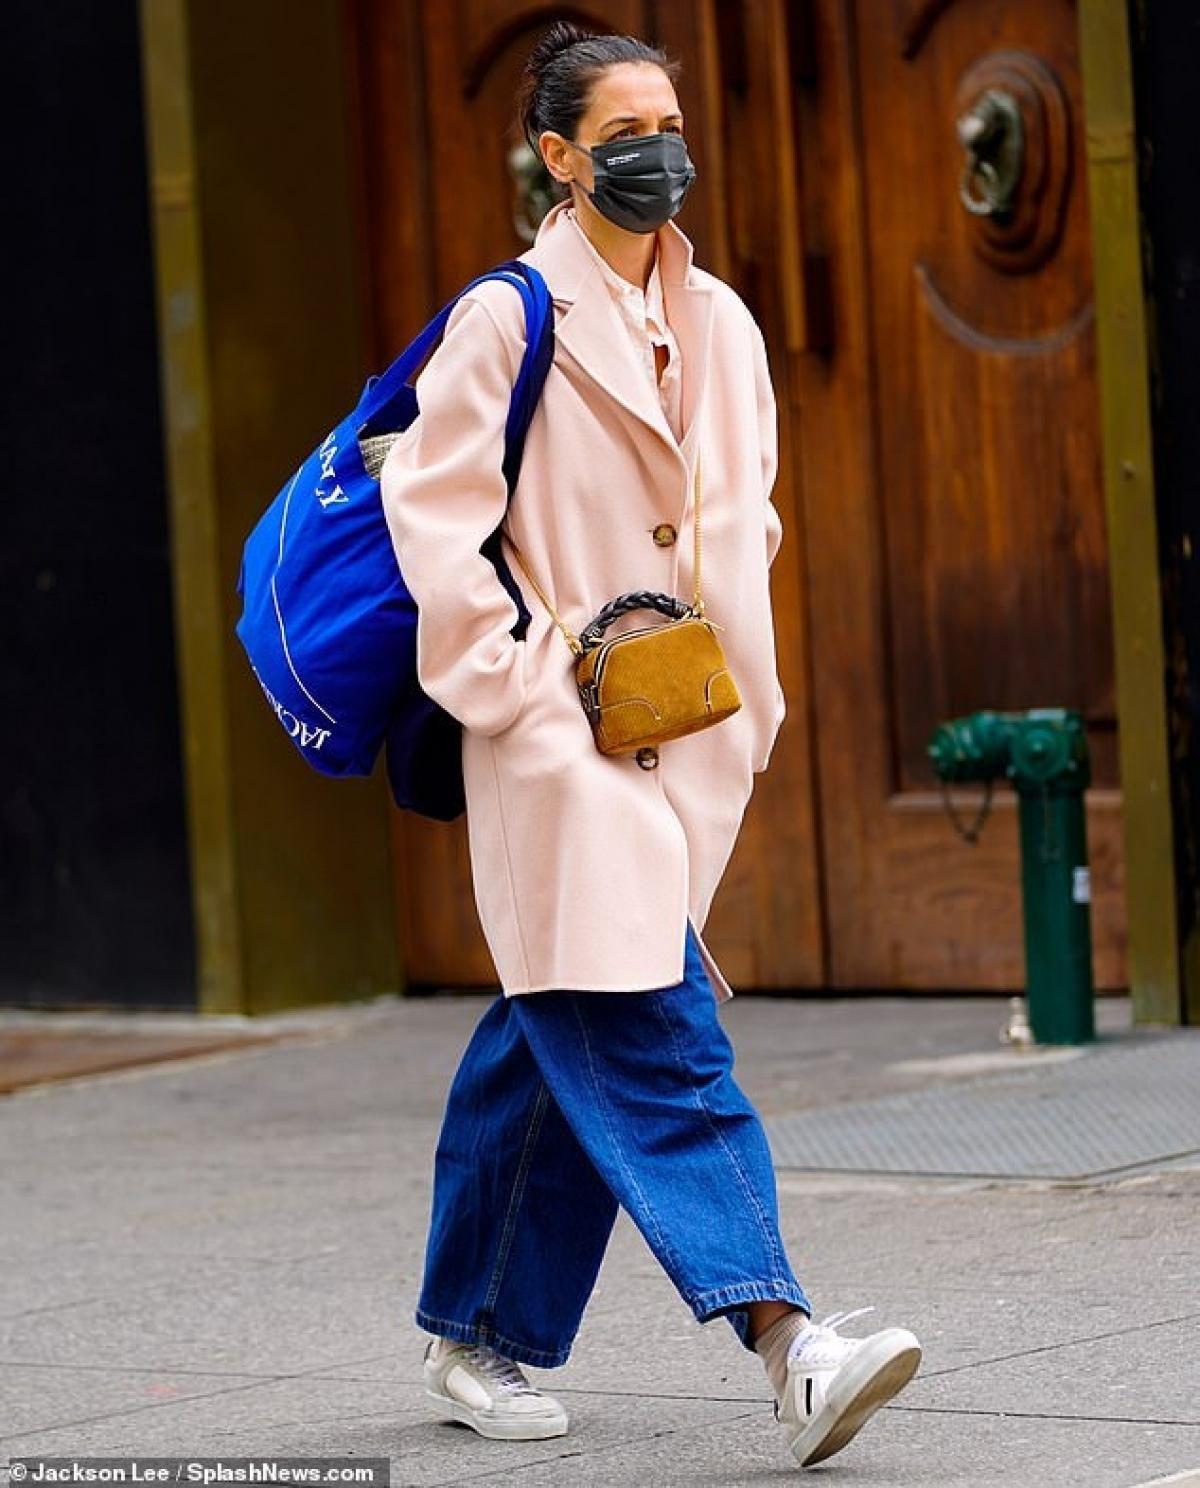 Katie Holmes điệu đà ra phố sau khi tình cũ bị bắt gặp đi chơi cùng người đẹp Zoe Kravitz Ảnh 6